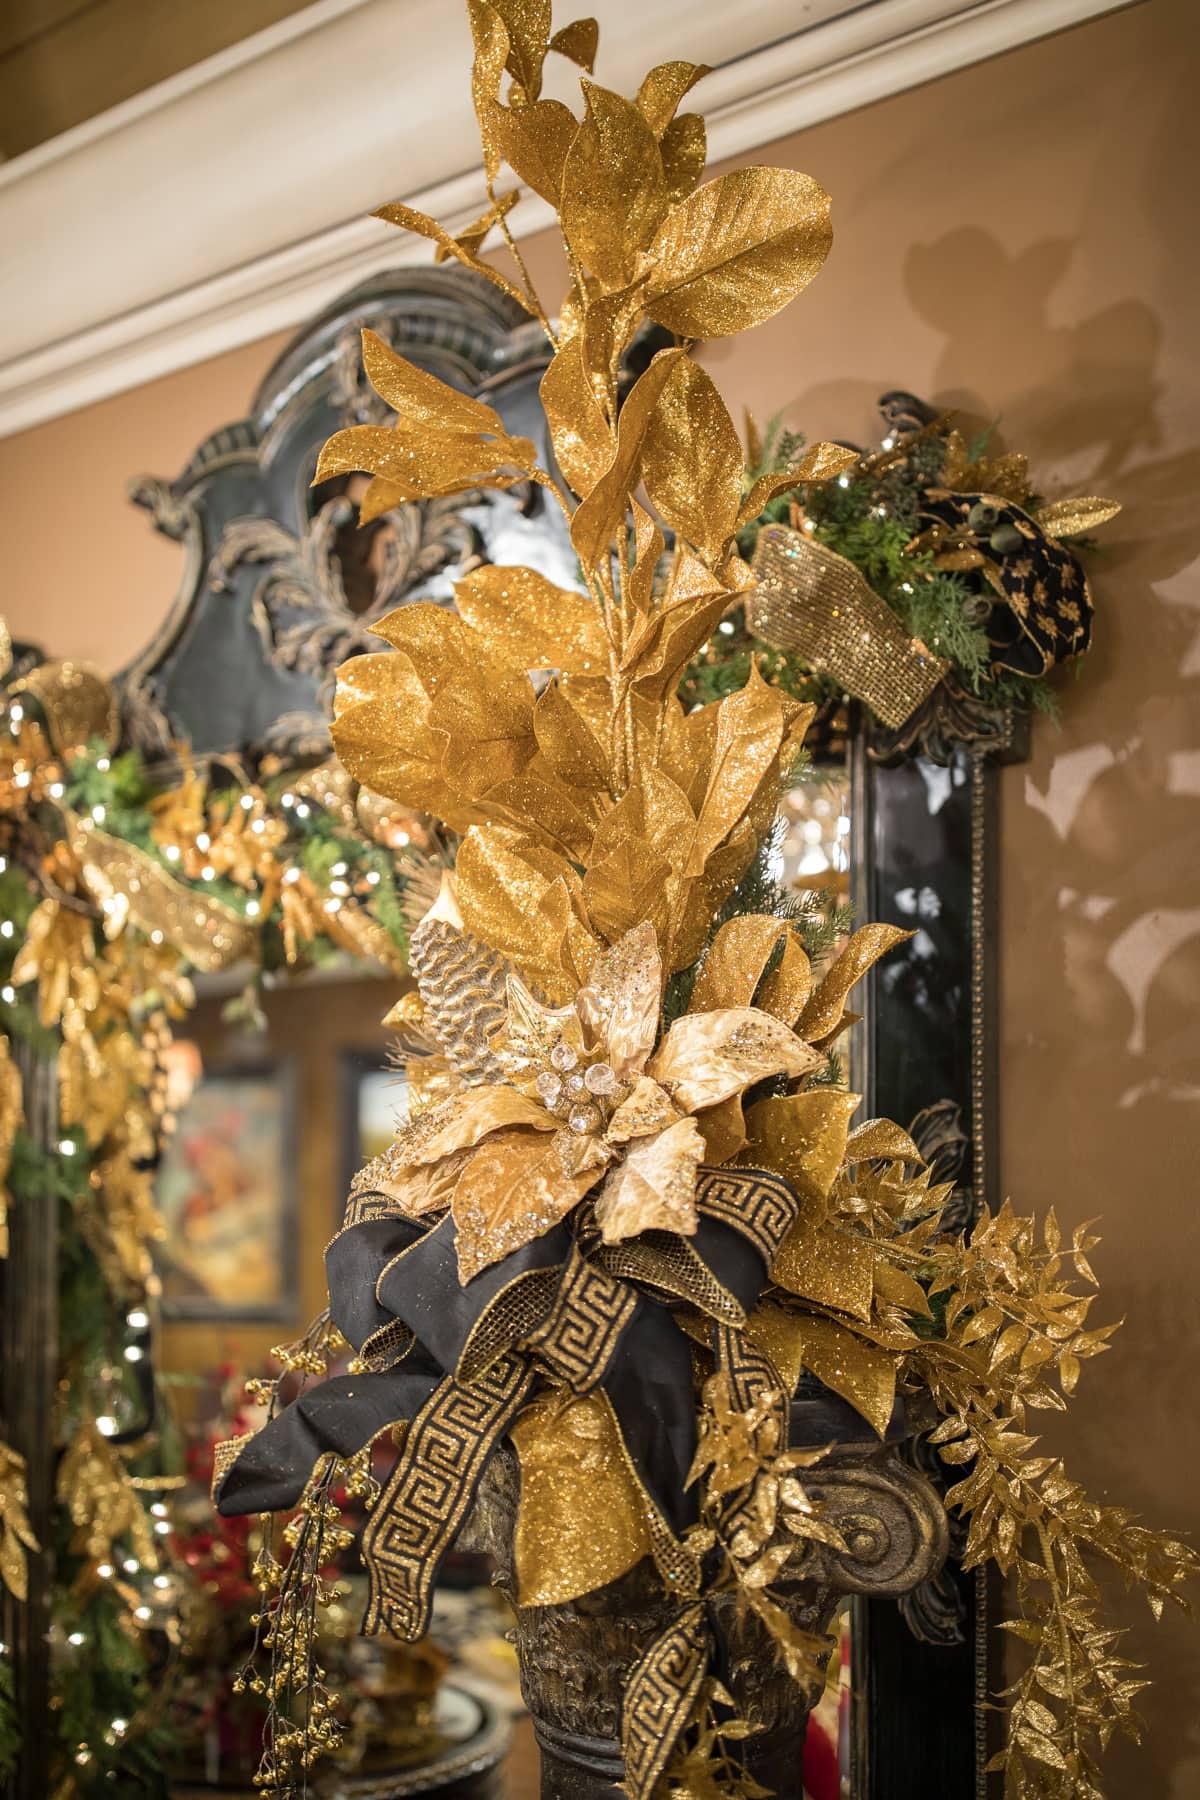 Gold Christmas floral arrangements